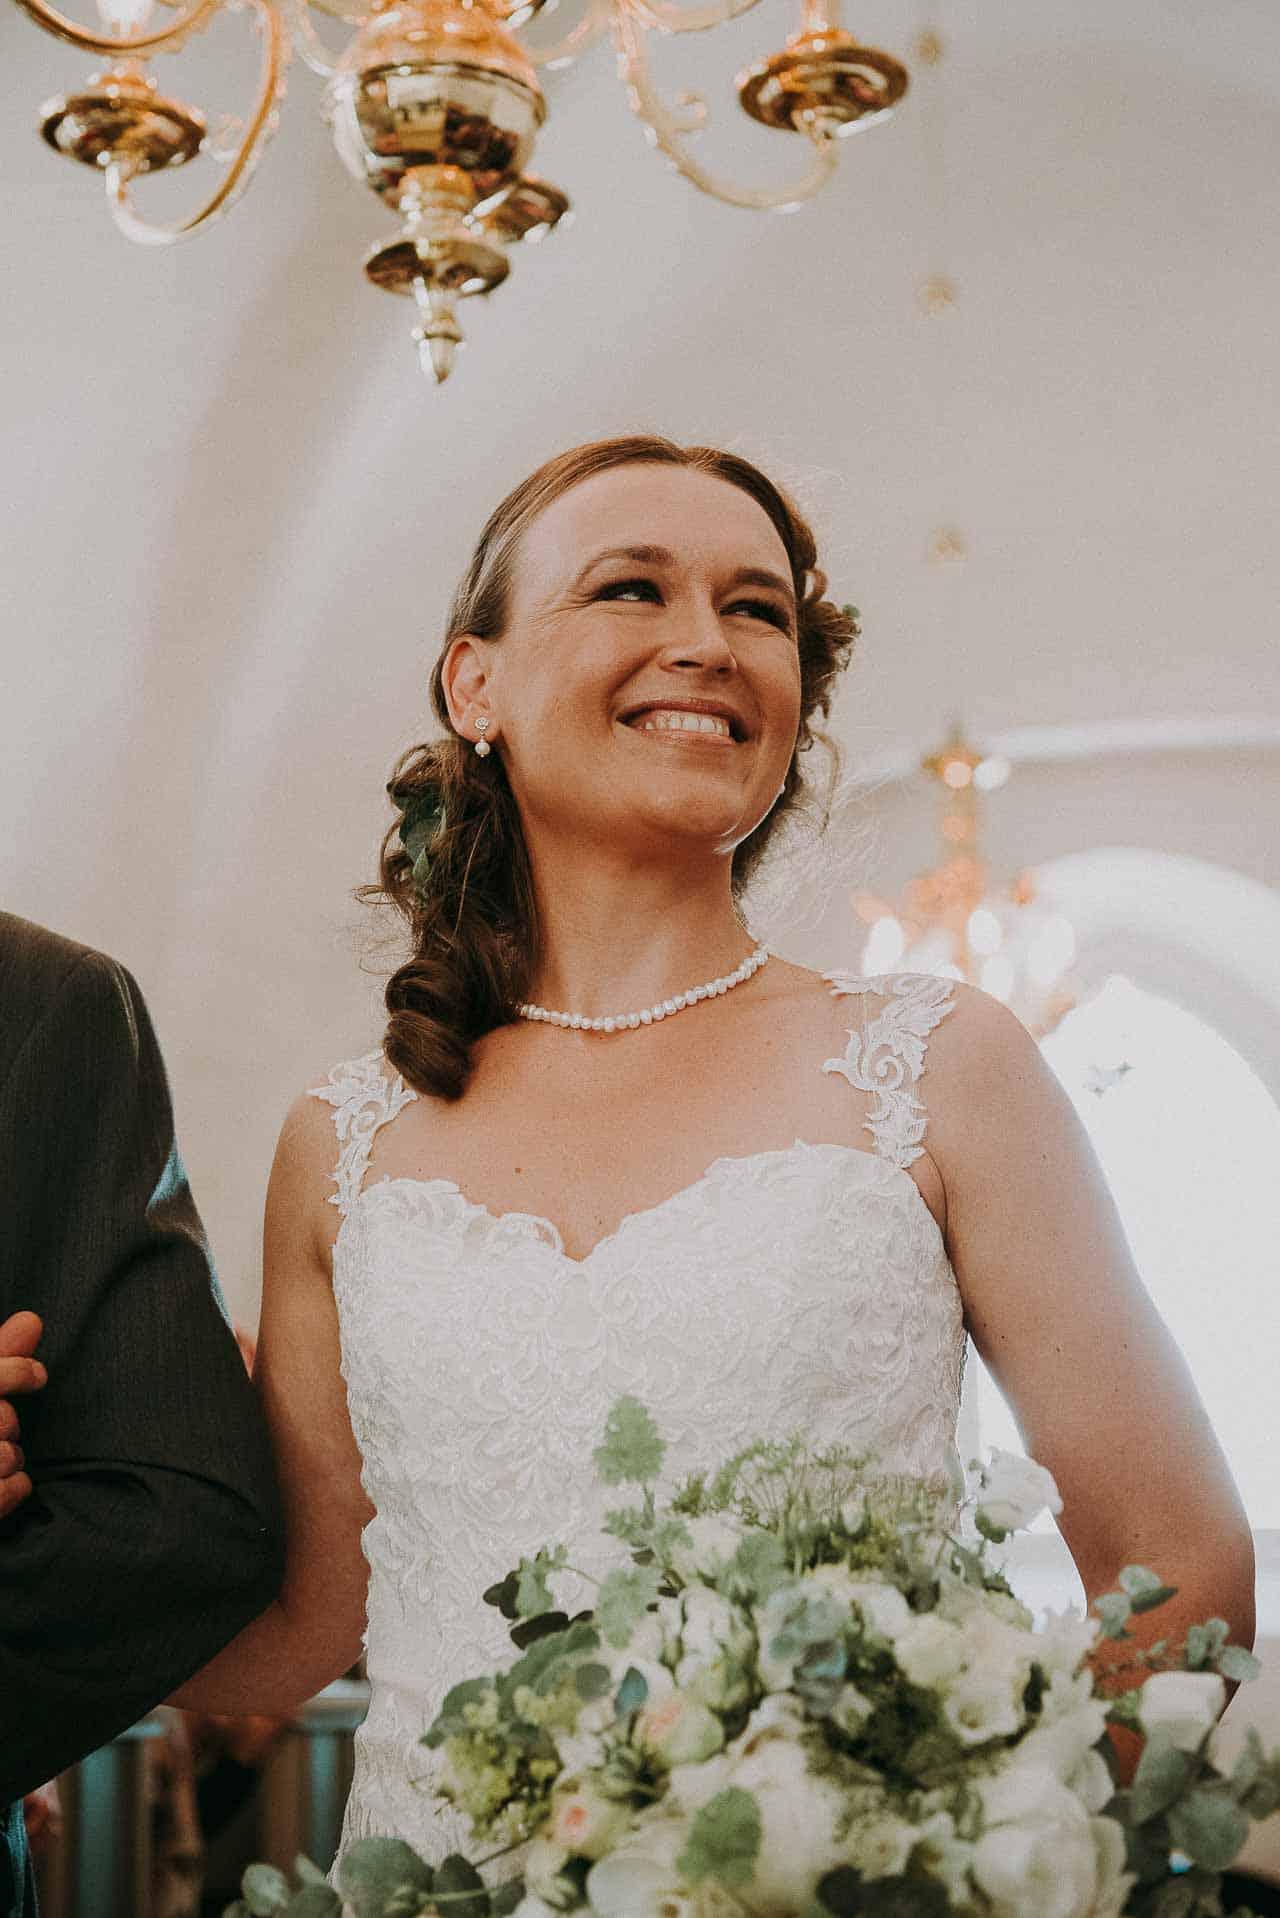 Brudekjoler | Flotte og billige brudekjoler | Altid skarpe priser